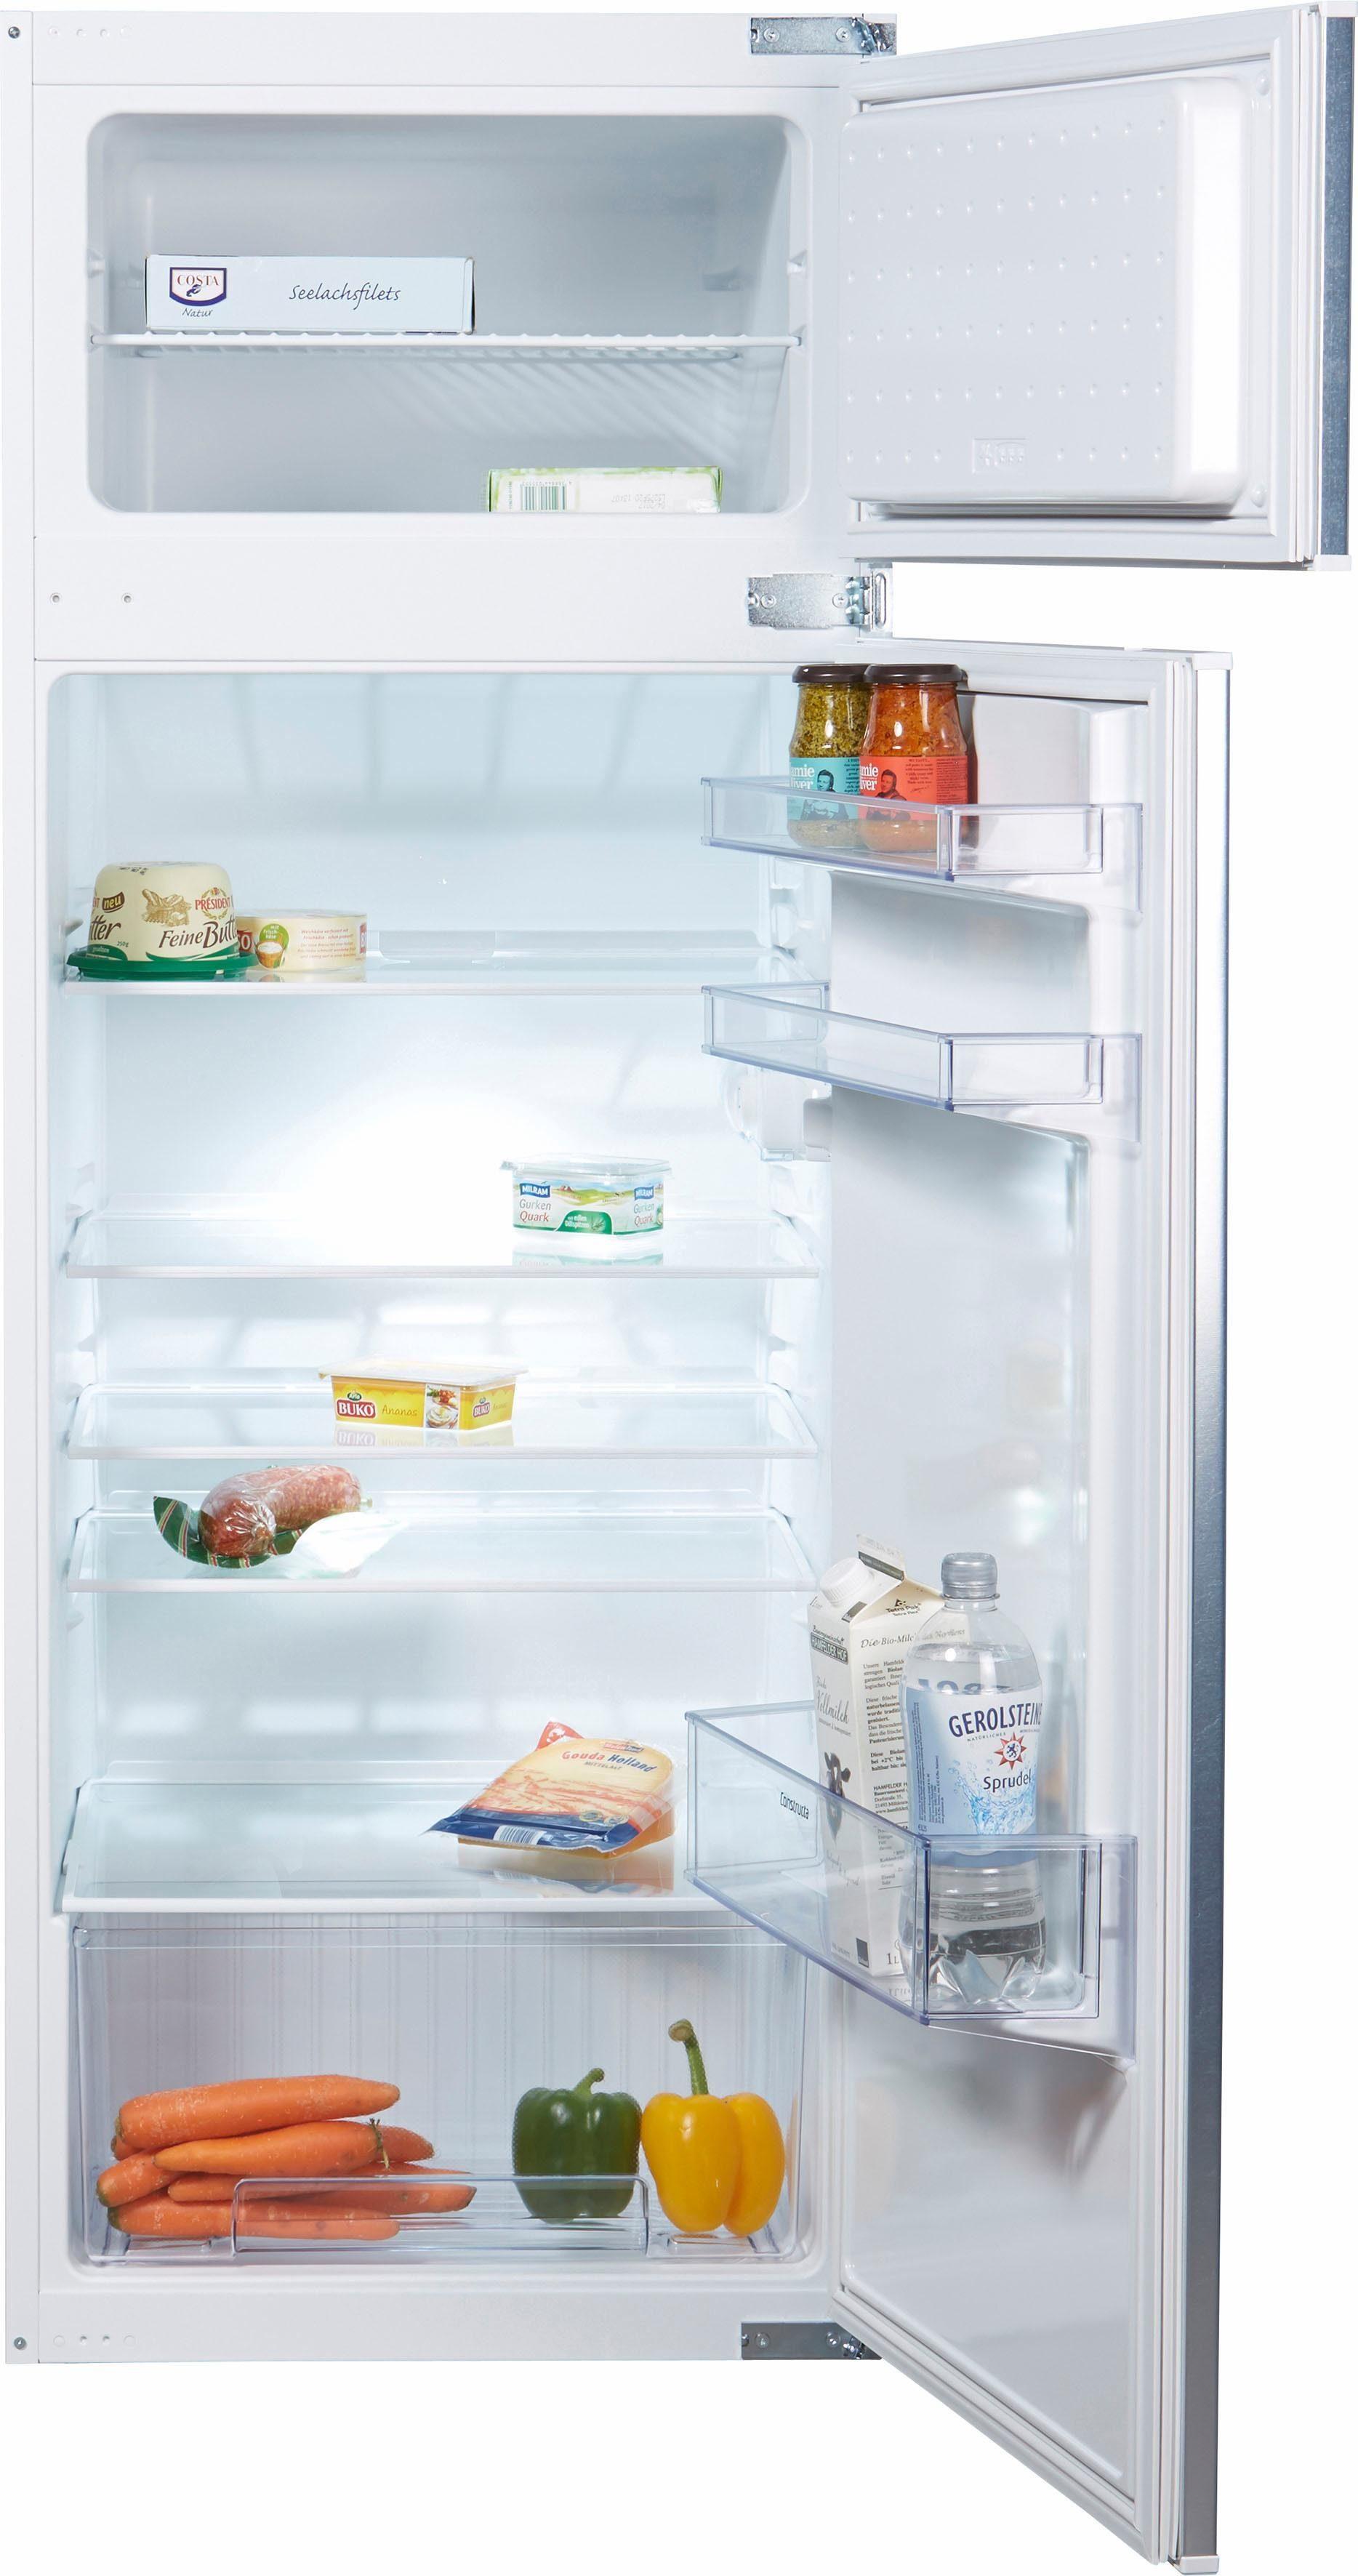 Constructa Einbaukühlschrank CK66544, 144,6 cm hoch, 54,5 cm breit, Energieeffizienzklasse: A+, 144,6 cm hoch